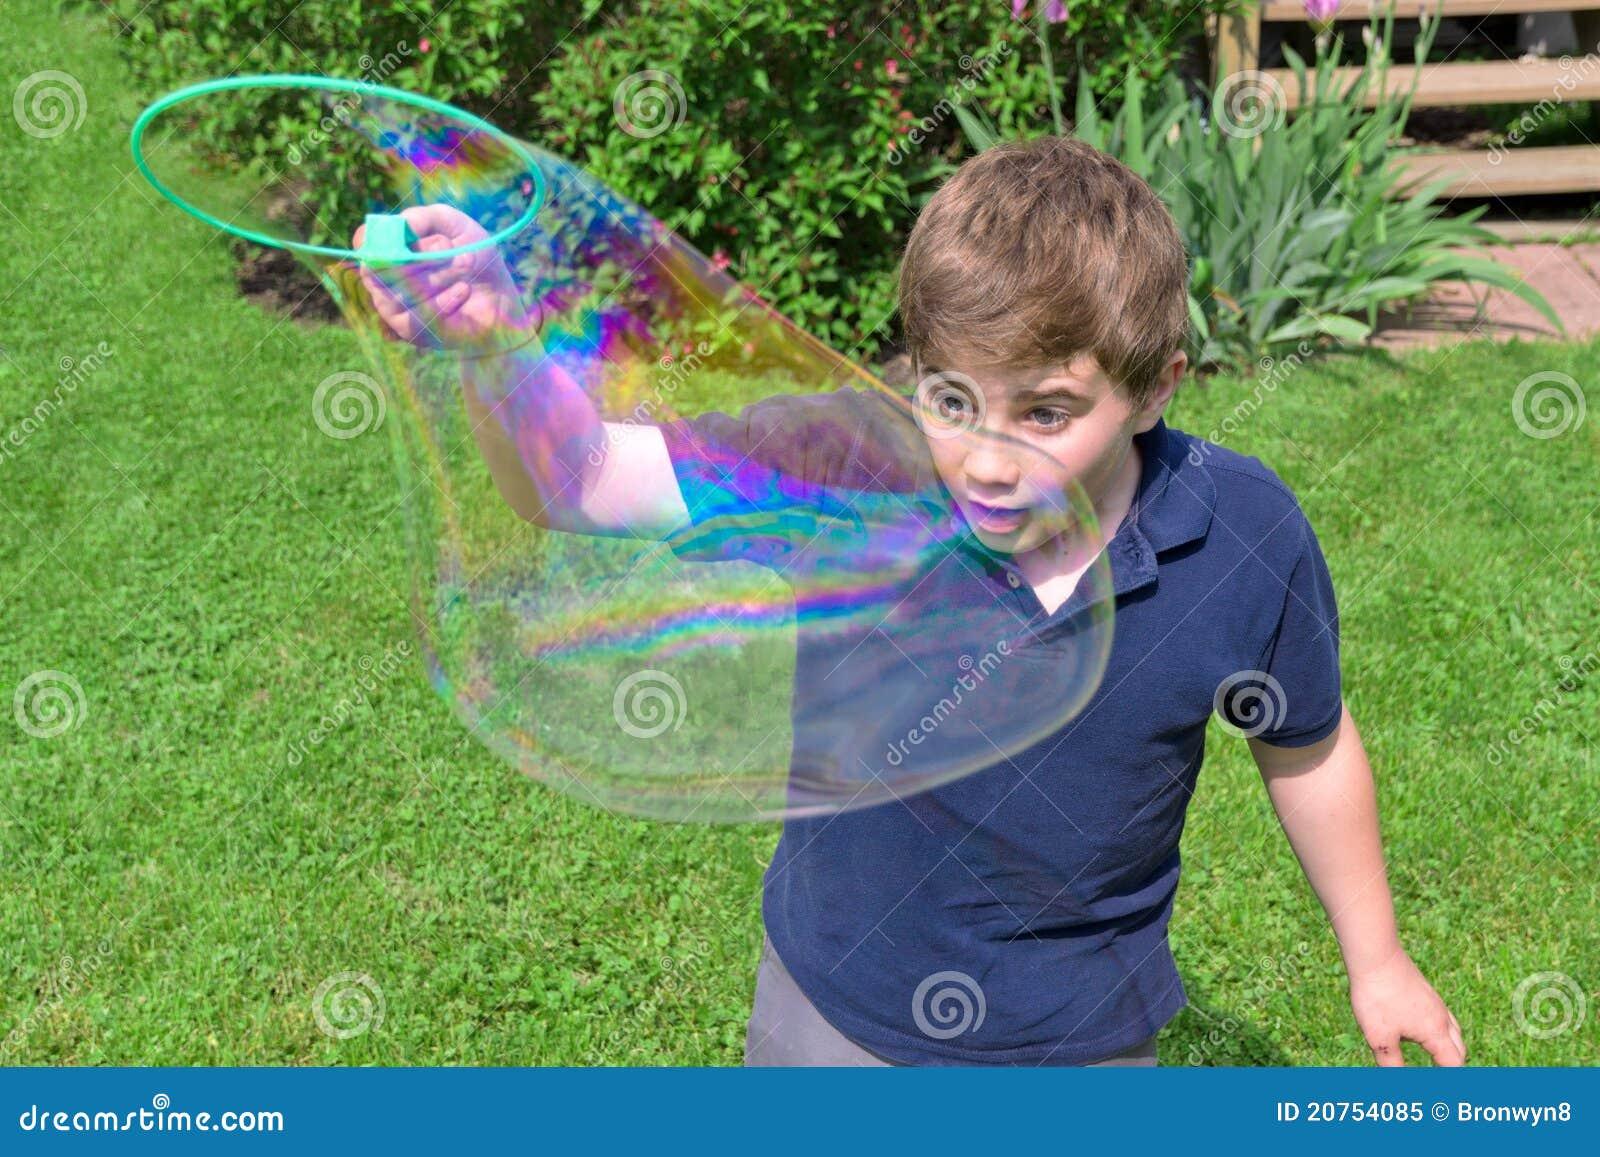 Как сделать смесь для мыльных пузырей в домашних